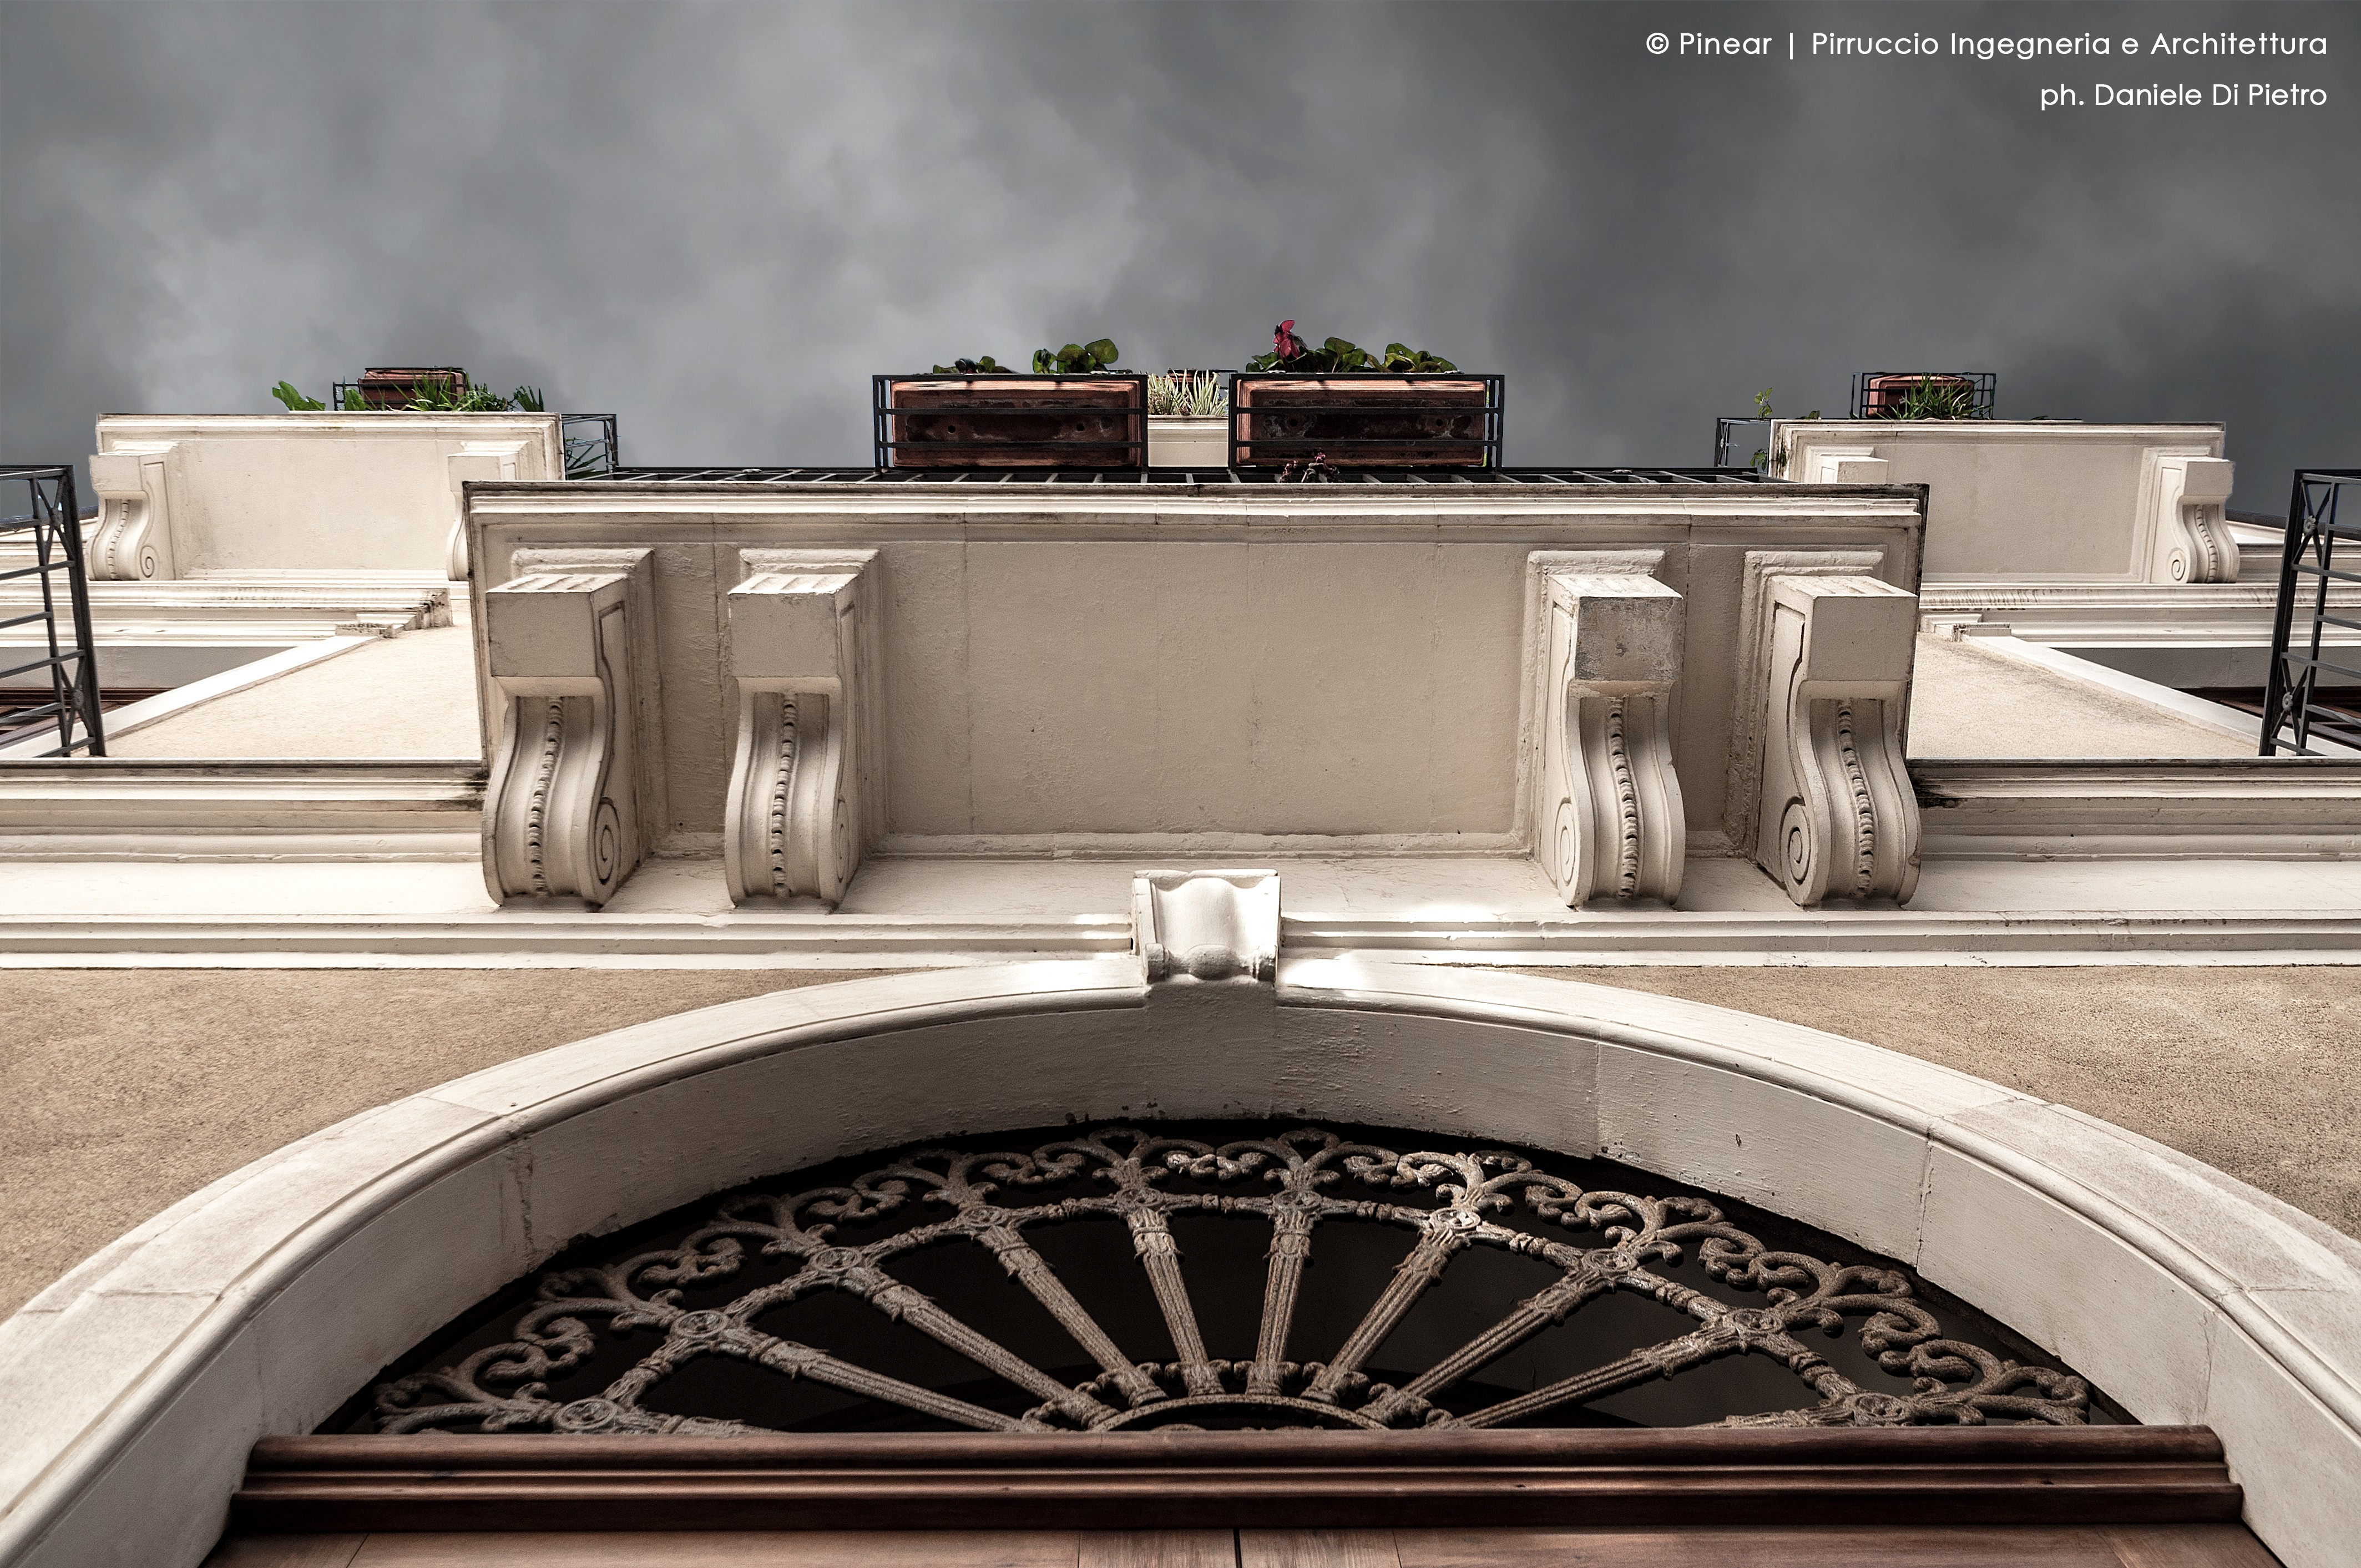 Lavoro Ingegnere Edile Architetto Catania pinear | pirruccio ingegneria e architettura | linkedin